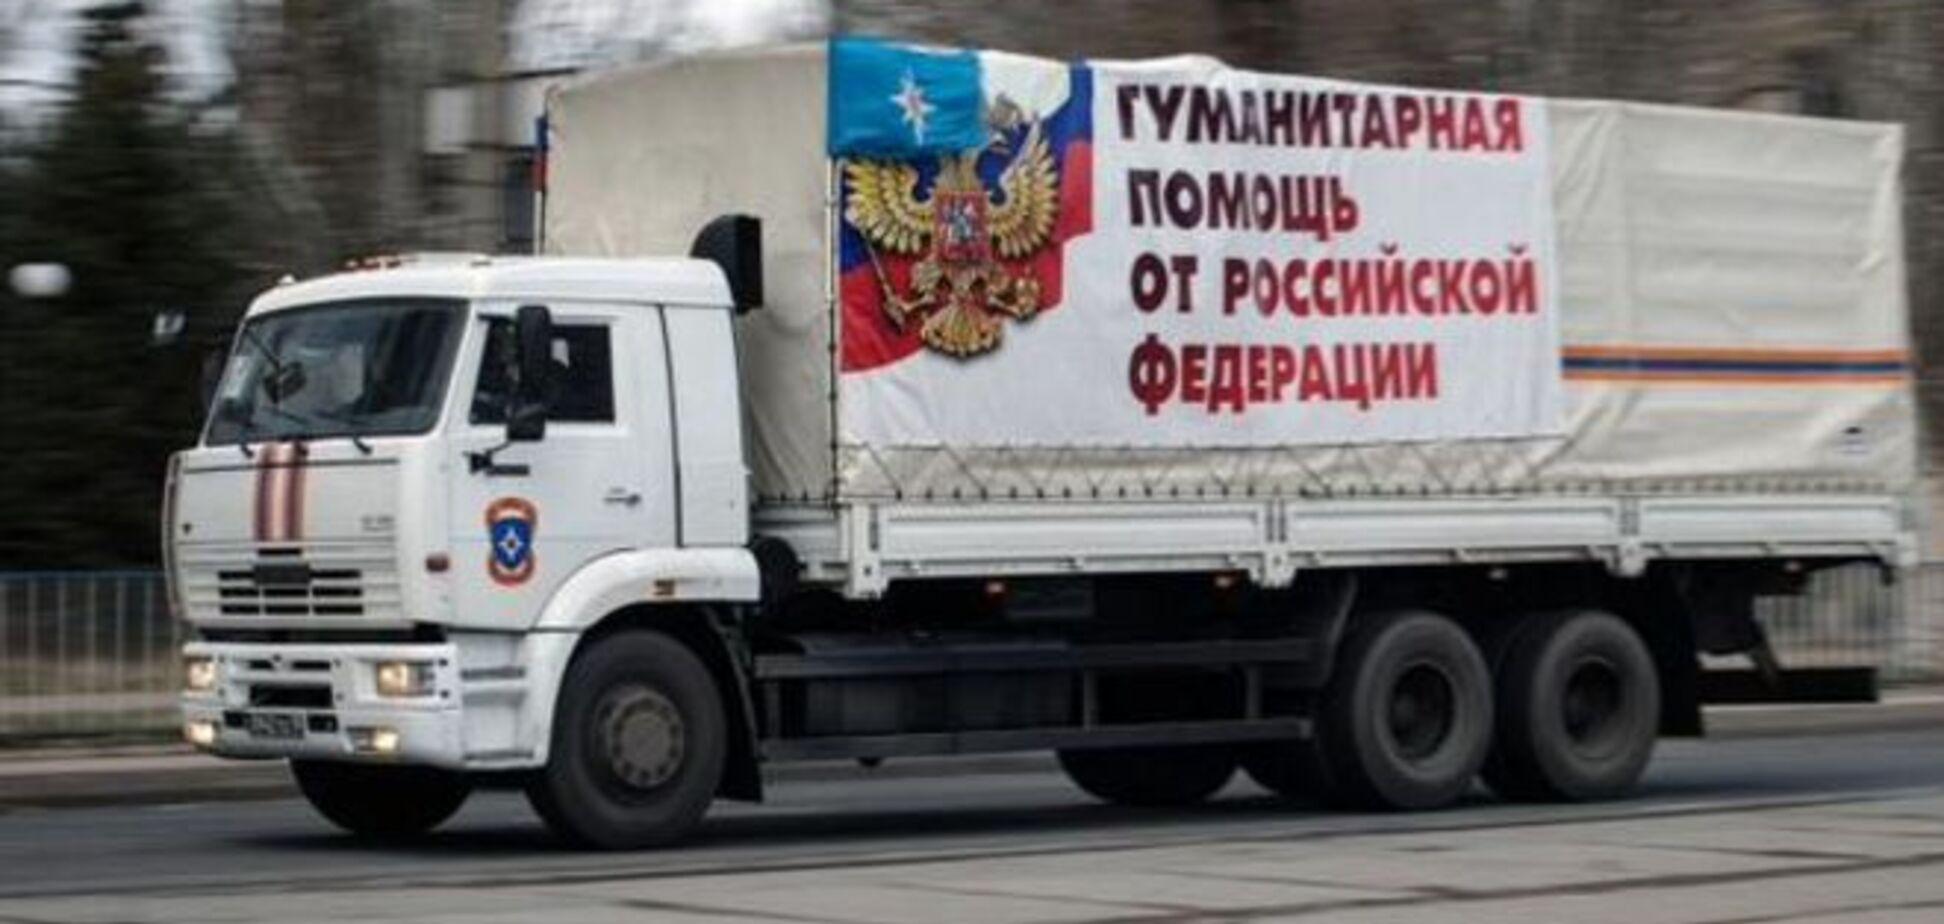 Российская 'гуманитарка' травит детей на Донбассе - Лысенко